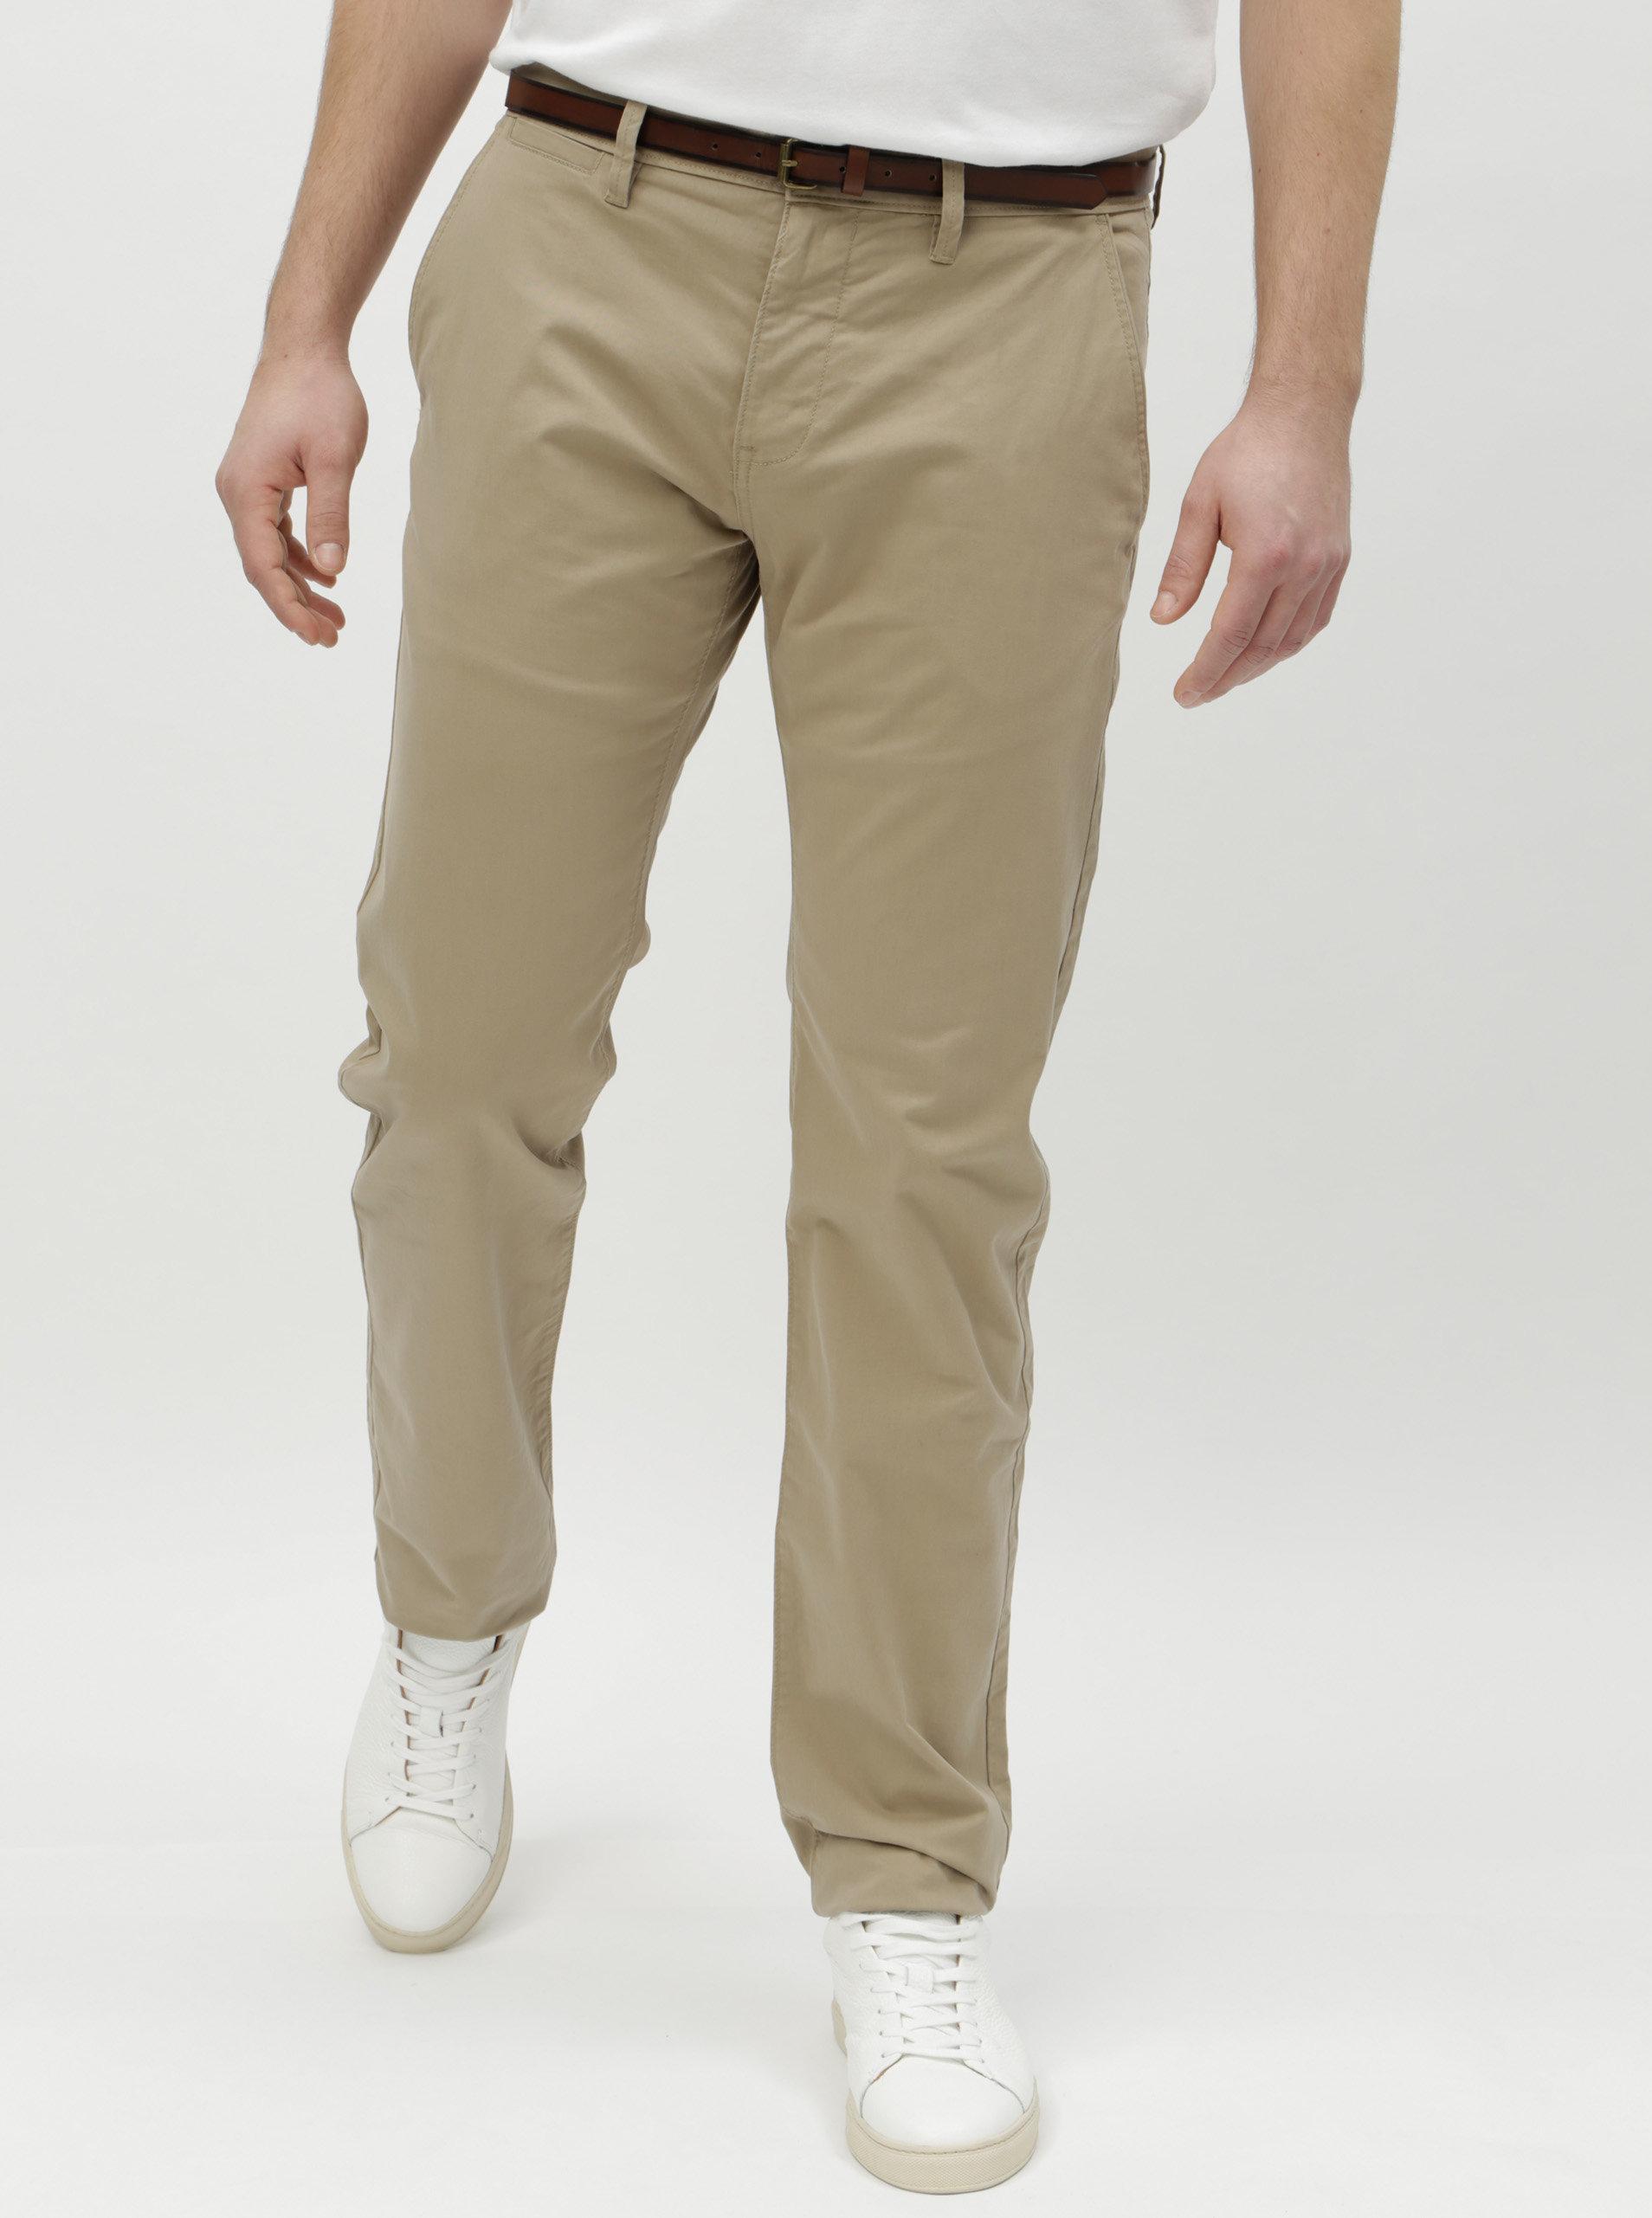 97e9eda03853 Béžové pánske chino nohavice s opaskom Tom Tailor ...